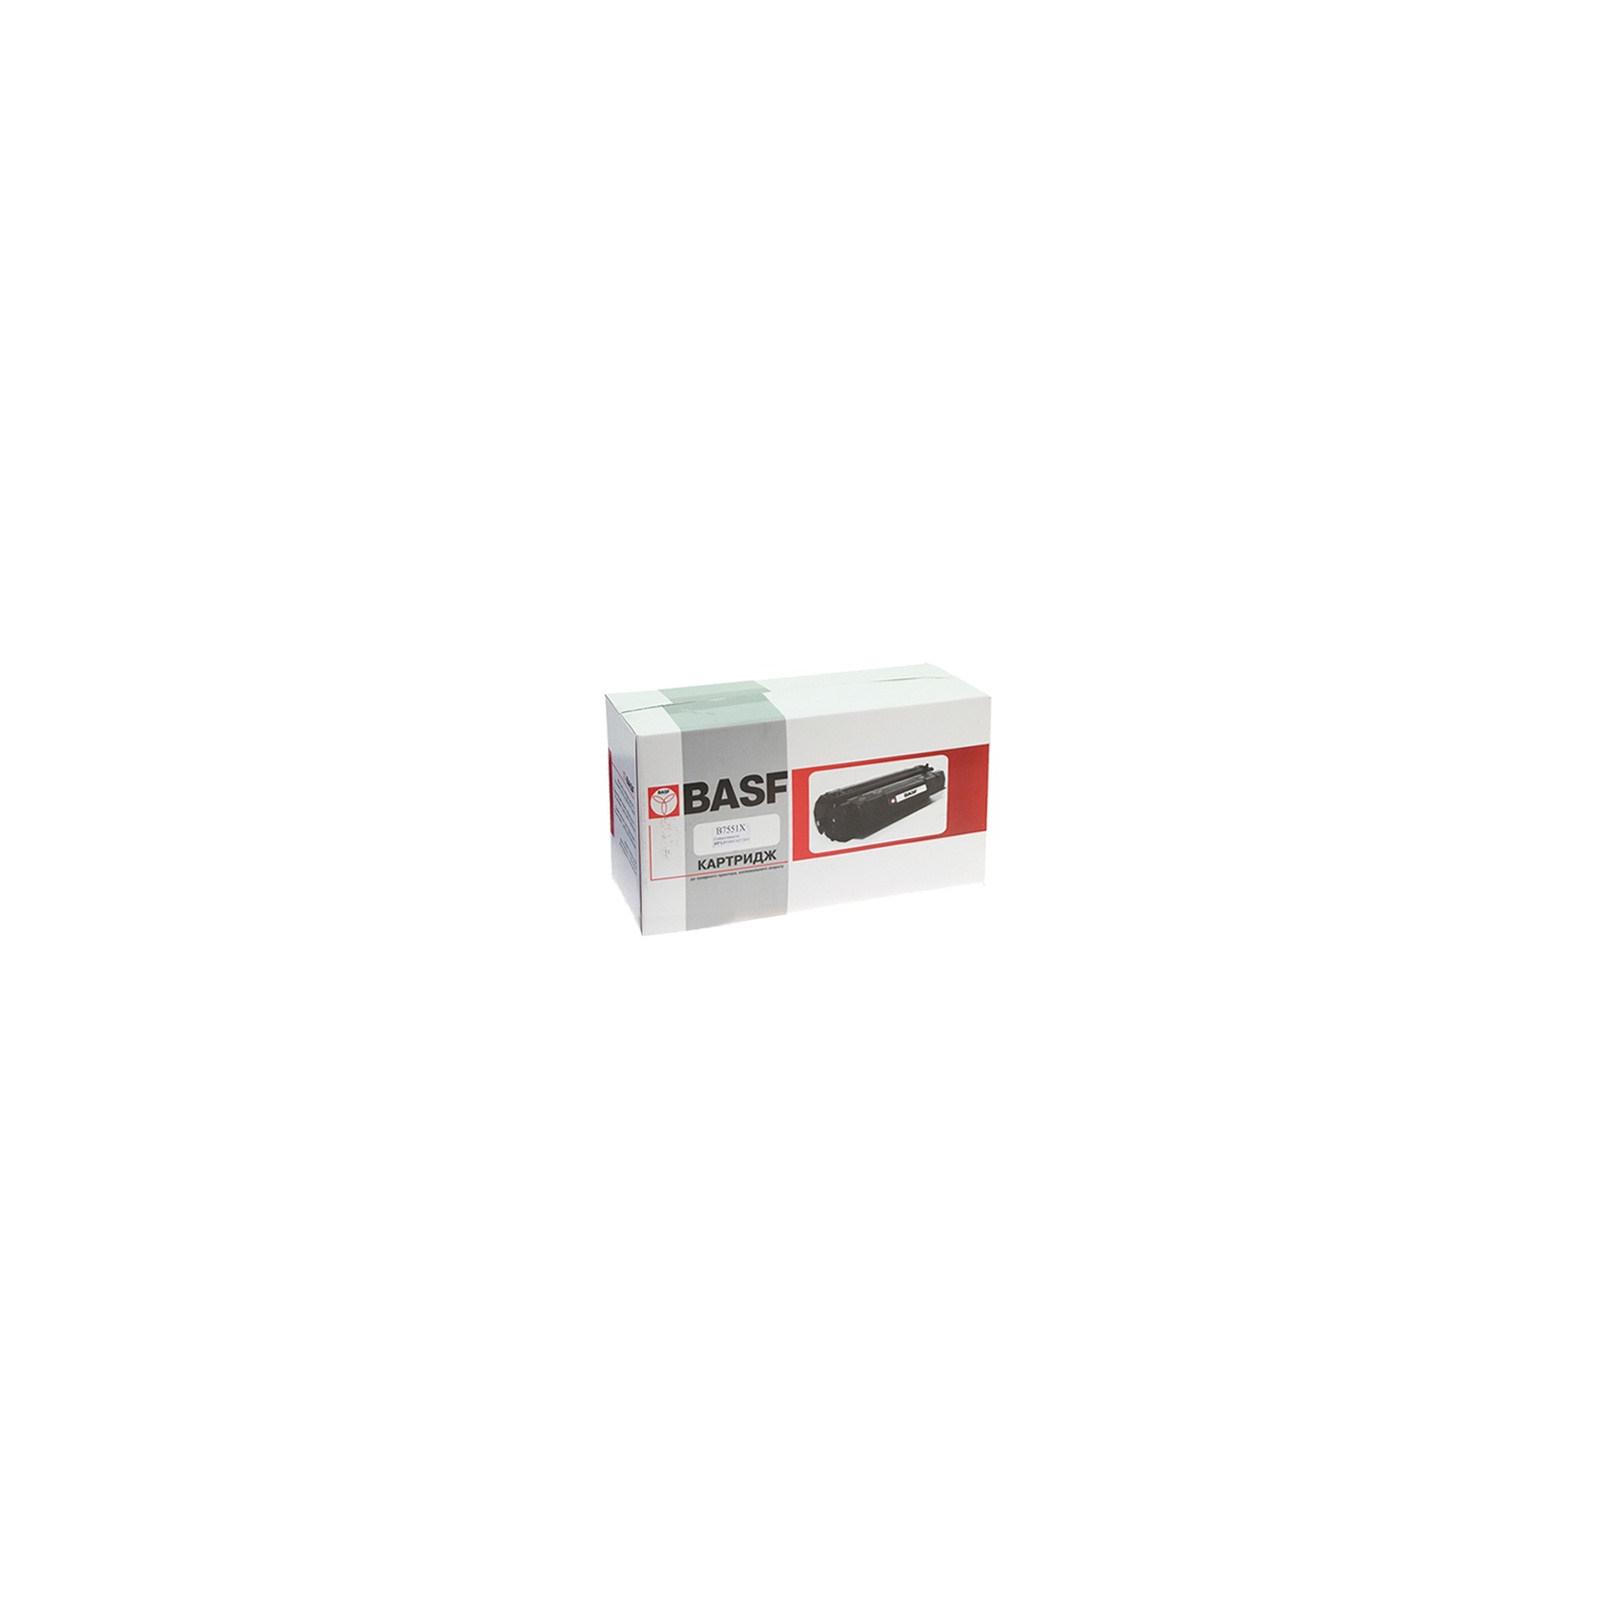 Картридж BASF для HP LJ P3005/M3027/M3035 (B7551X)